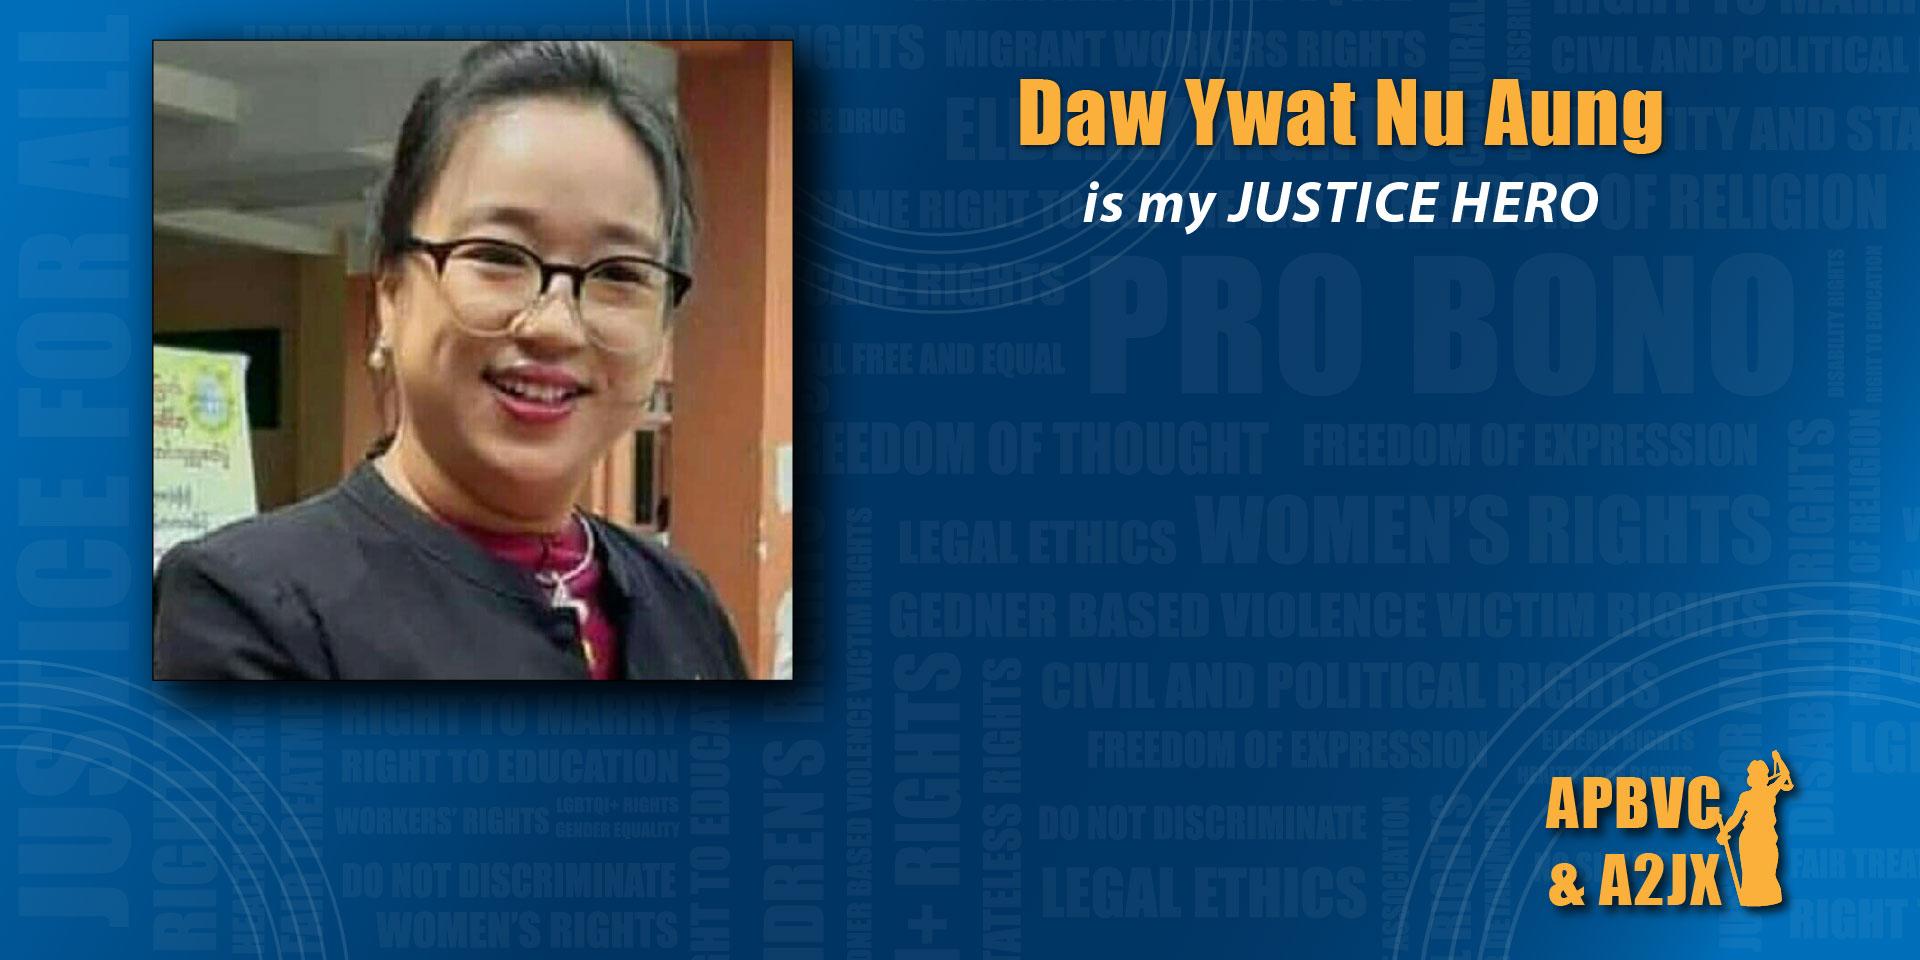 Daw Ywat Nu Aung